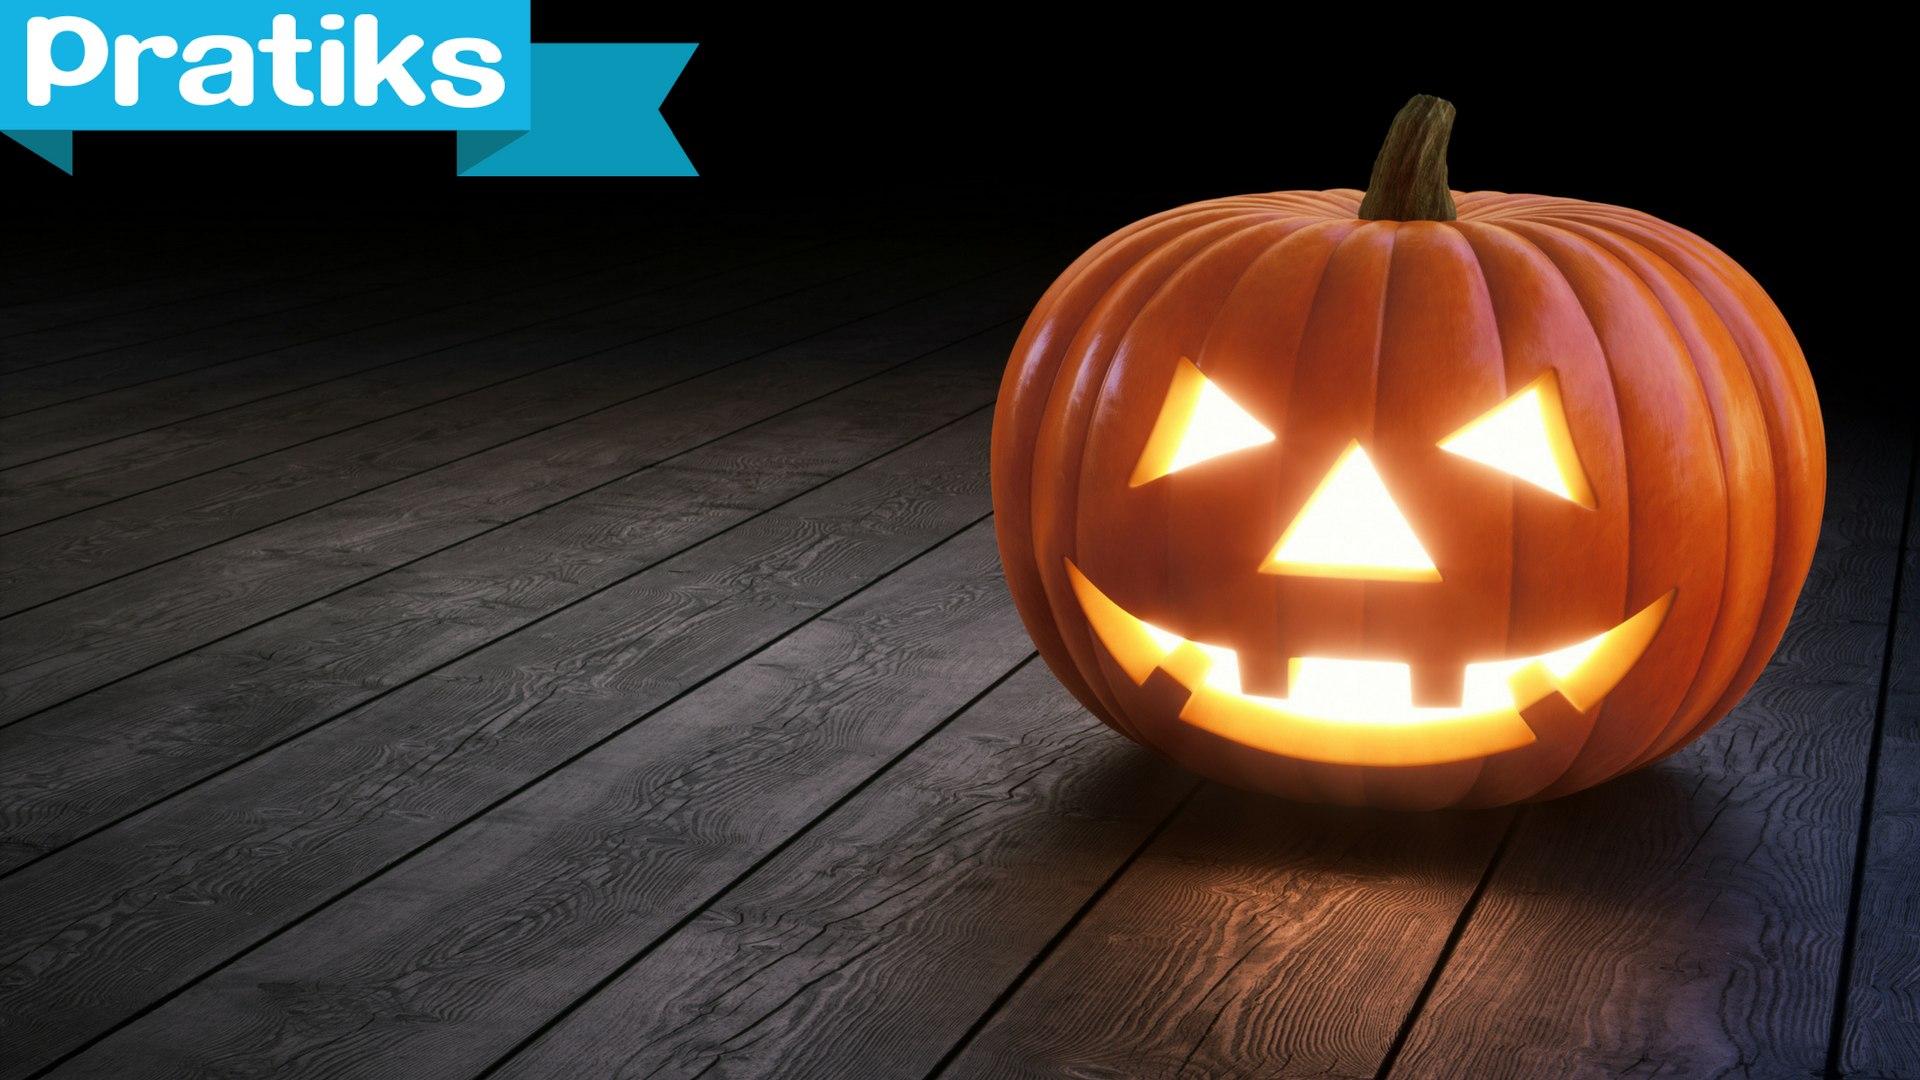 Comment Faire Une Citrouille Pour Halloween.Comment Faire Une Citrouille Lanterne Lumineuse Pour Halloween